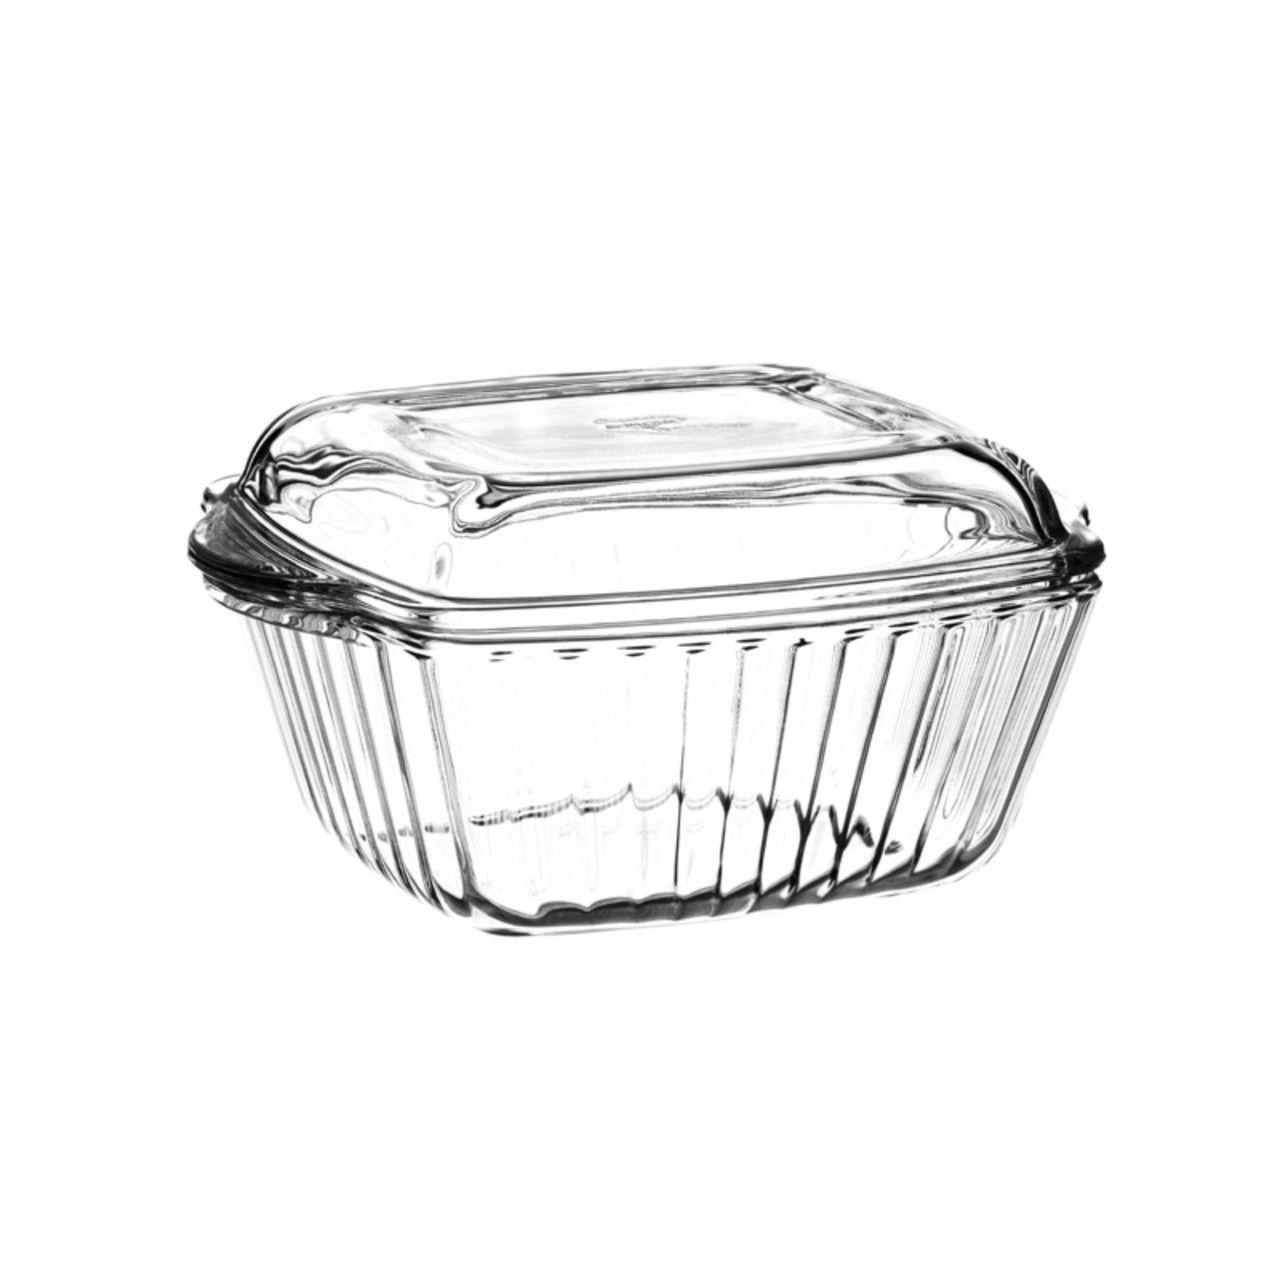 Форма для запекания с крышкой 1 л.Посуда для СВЧ форма квадратная с крышкой 1 л (204*160 мм)<br>